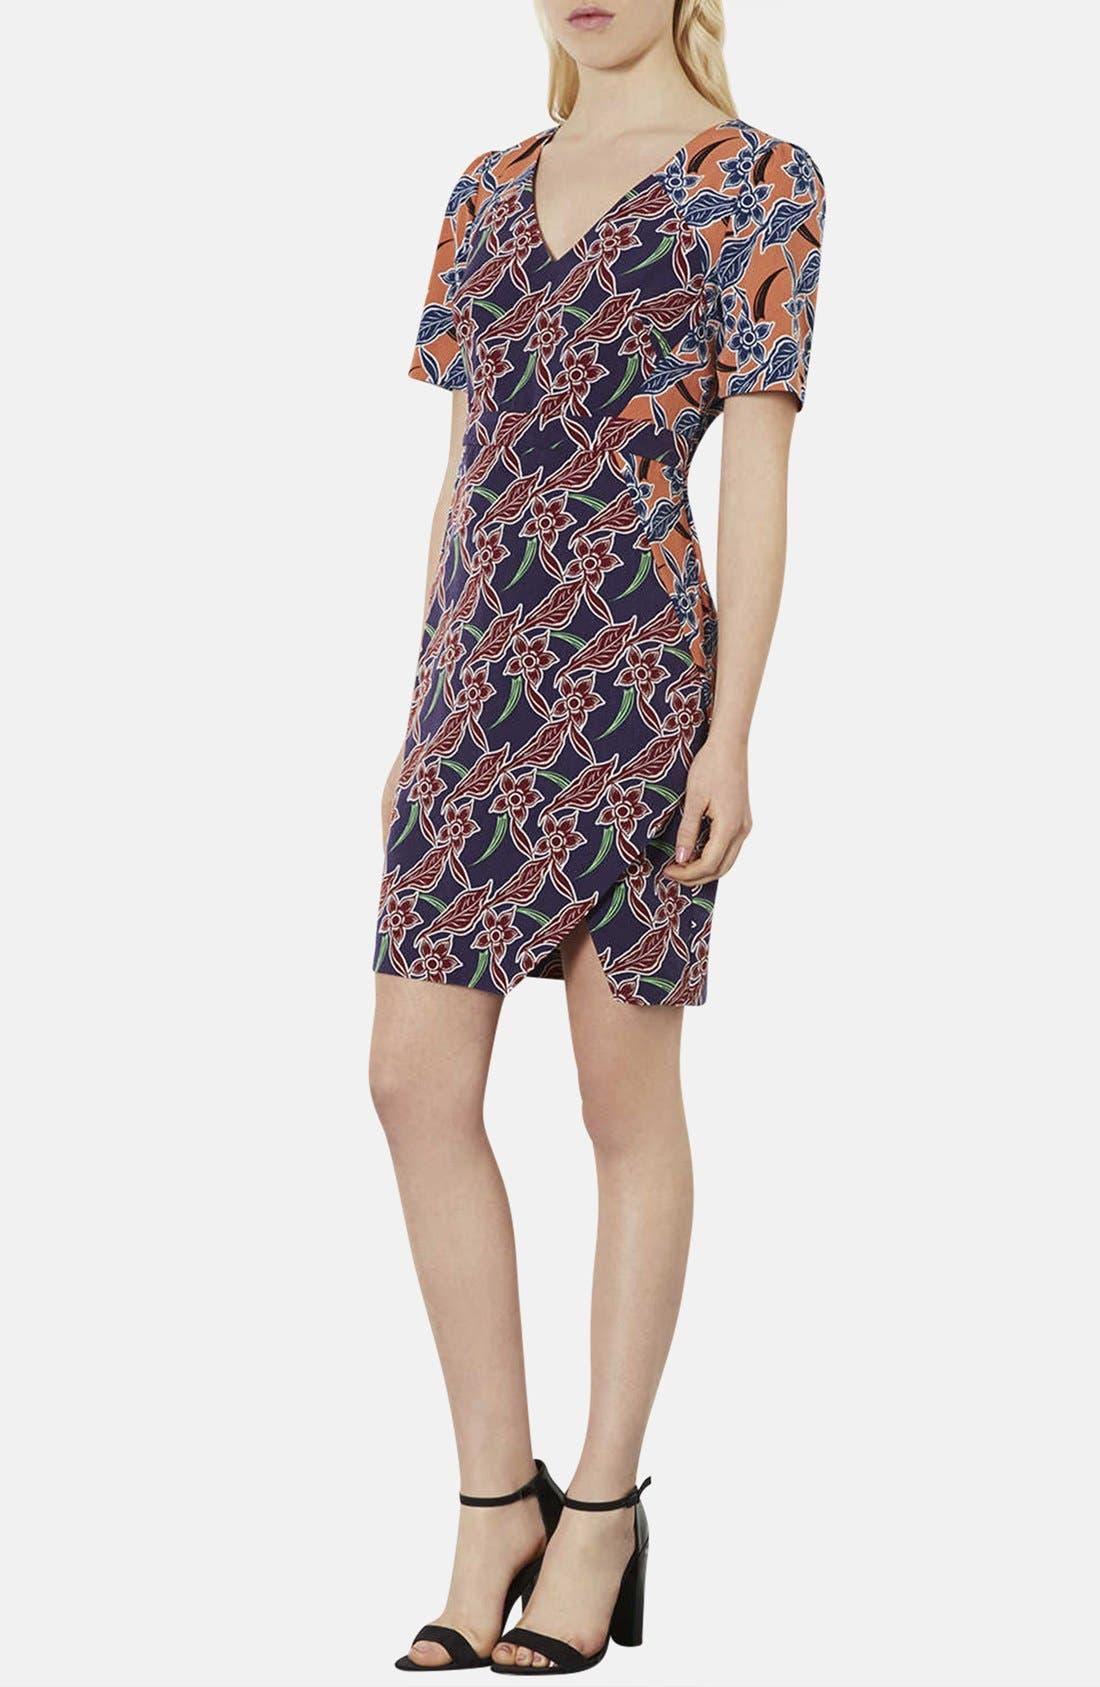 Main Image - Topshop 'Cocktail Mix' Tropical Print Tea Dress